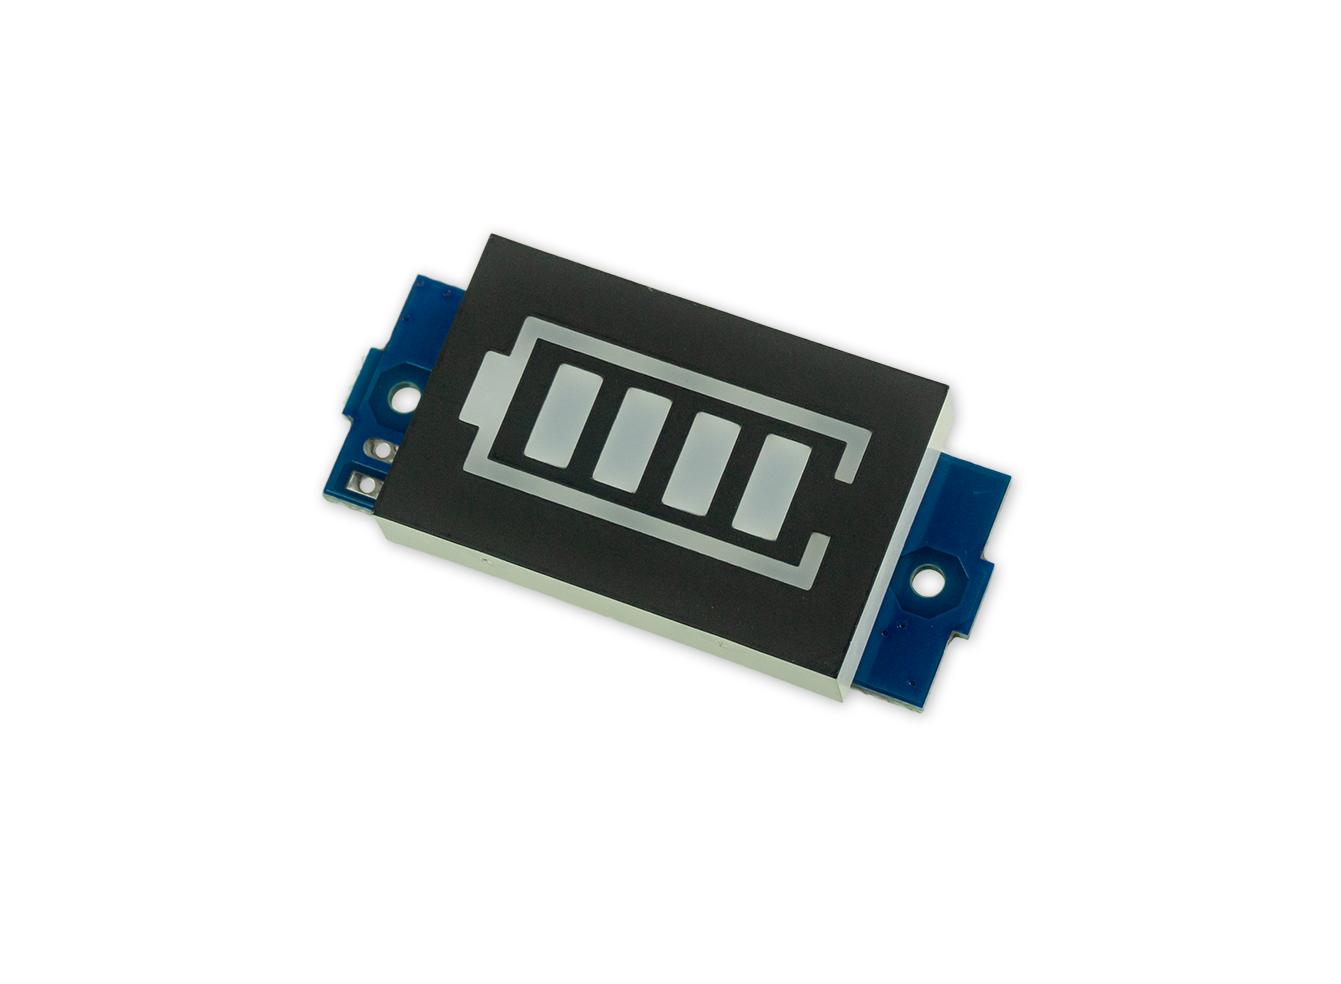 12V Batterie-Ladeanzeige mit Display - Grün leuchtend